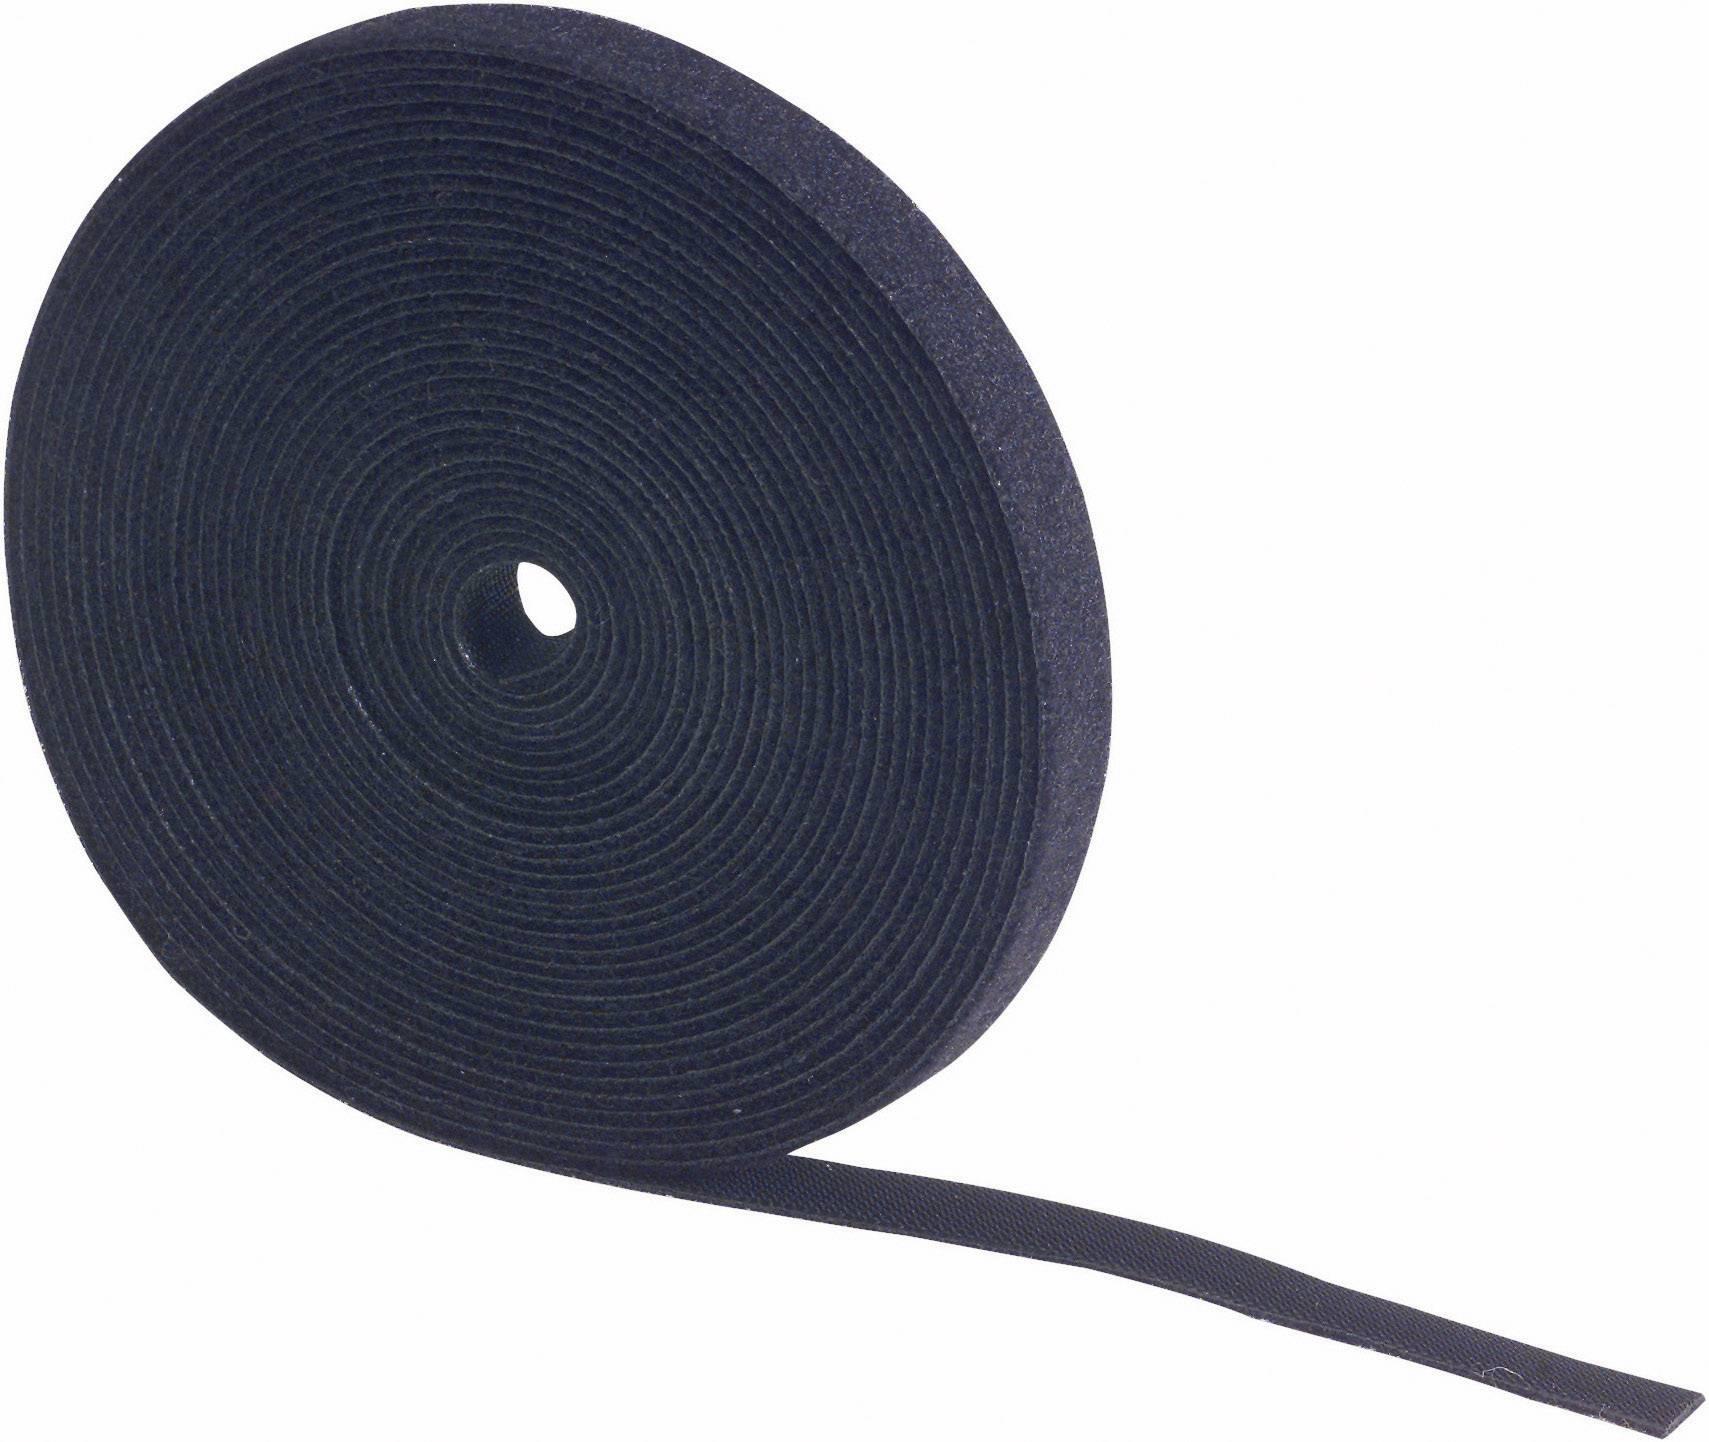 Páska se suchým zipem Fastech 695-330-Bag, 5 m x 25 mm, černá, 5 m